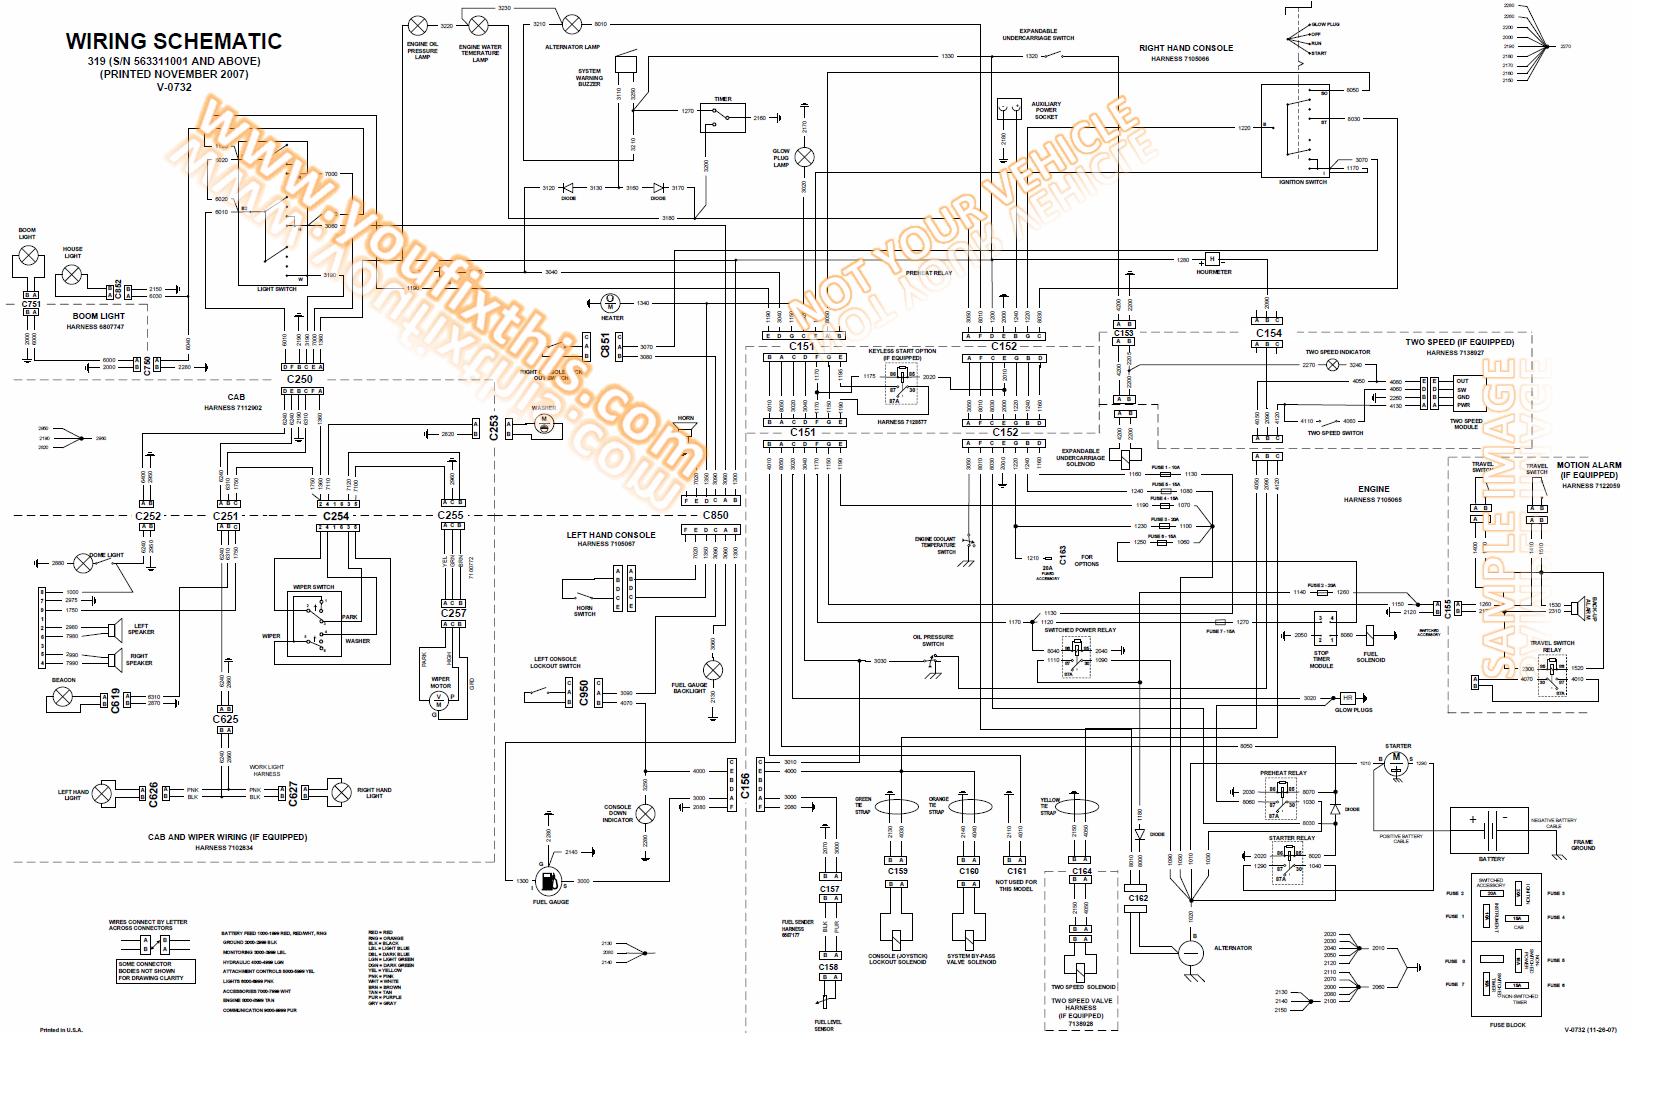 New Holland 180 Wiring Diagram - National Fuel Filter Housing for Wiring  Diagram SchematicsWiring Diagram Schematics